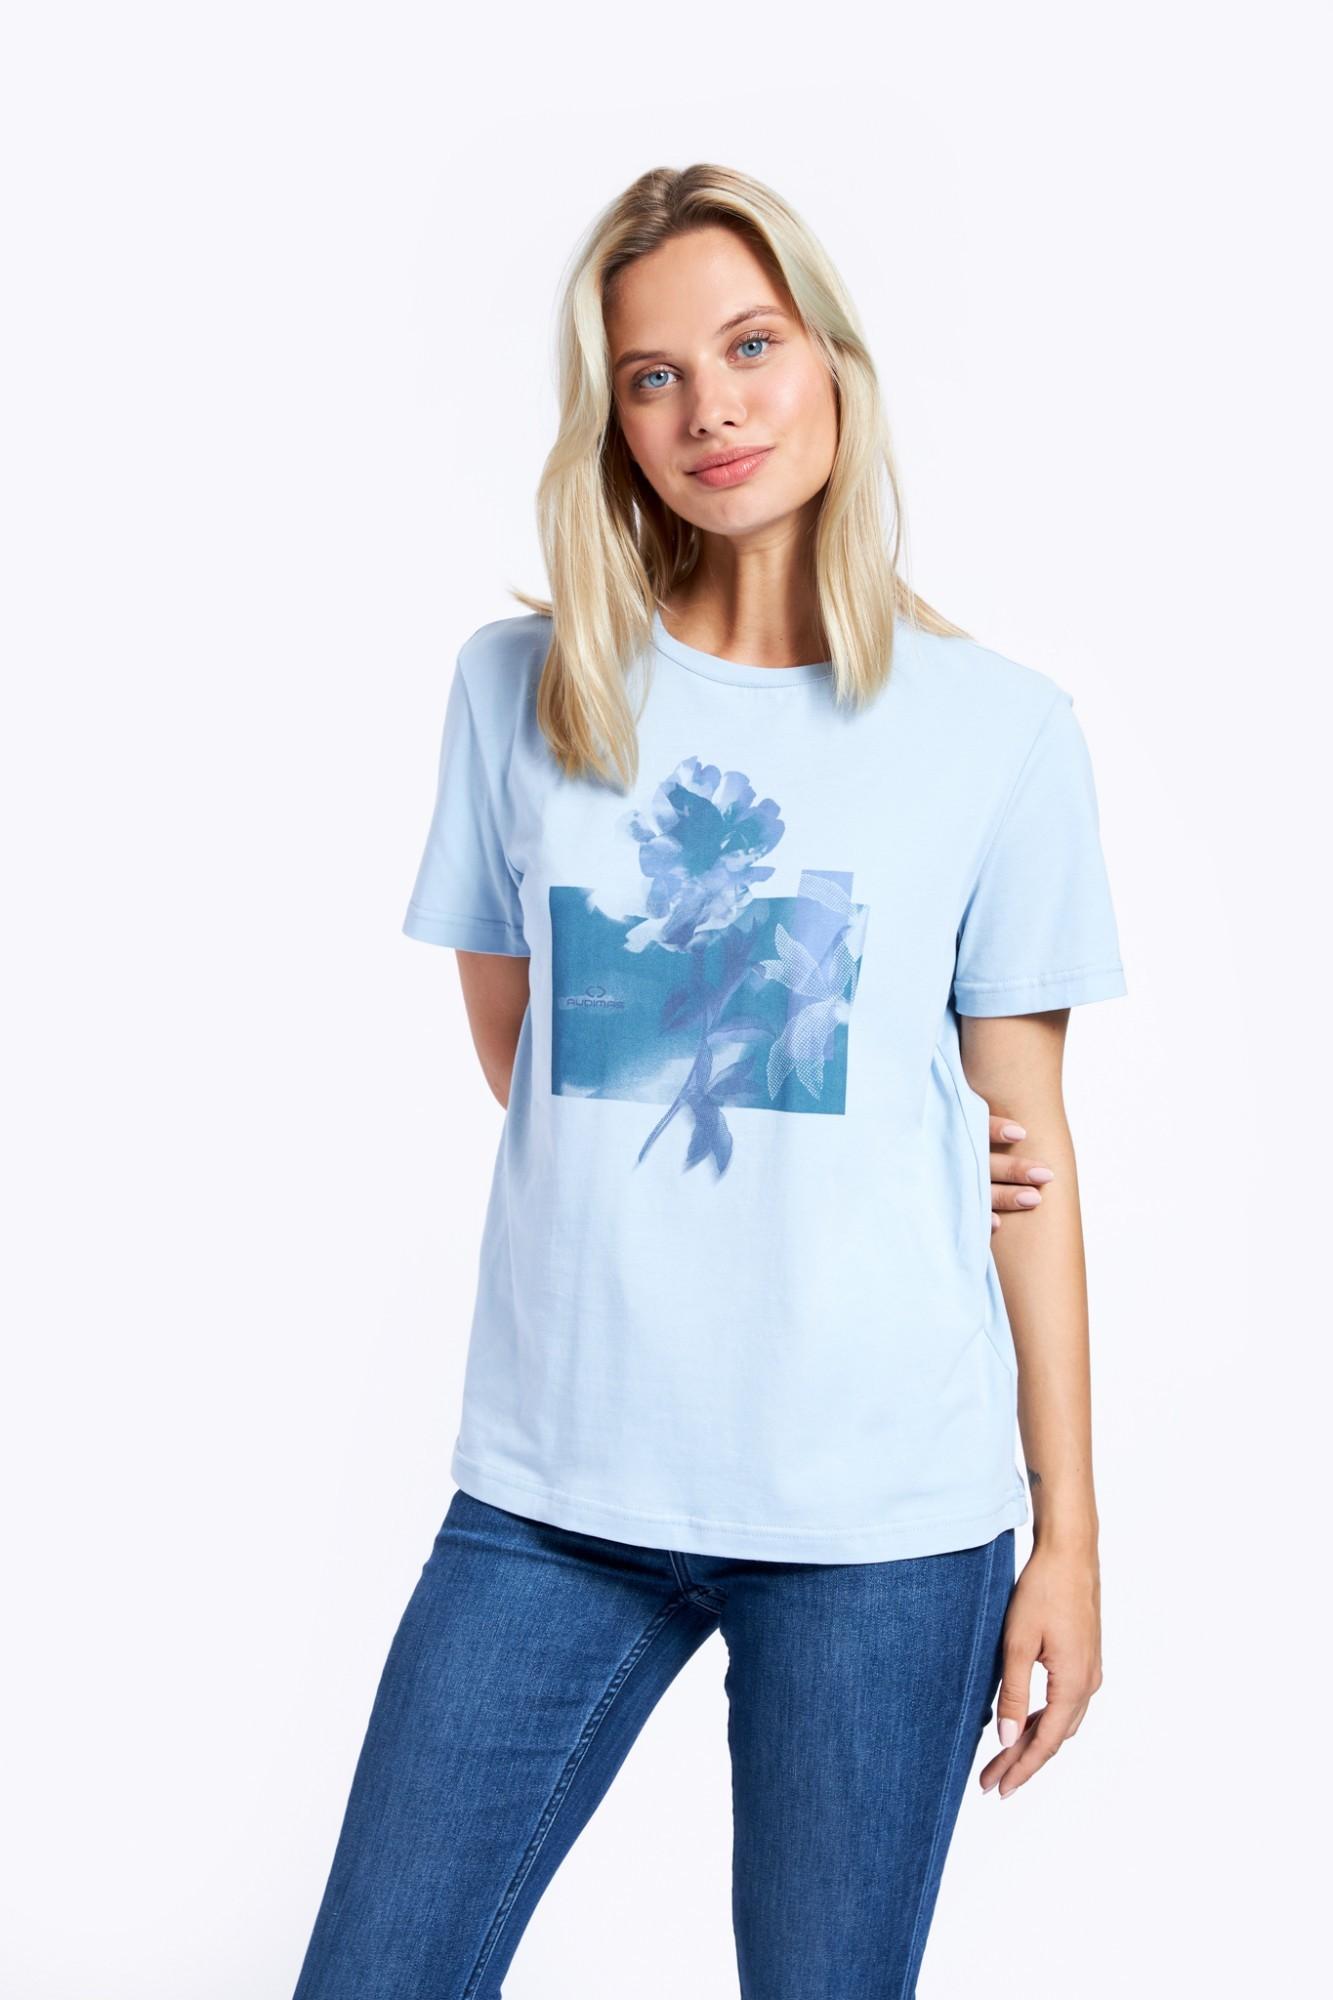 AUDIMAS Marginti medviln. marškinėliai 2121-077 Blue Fog Printed S